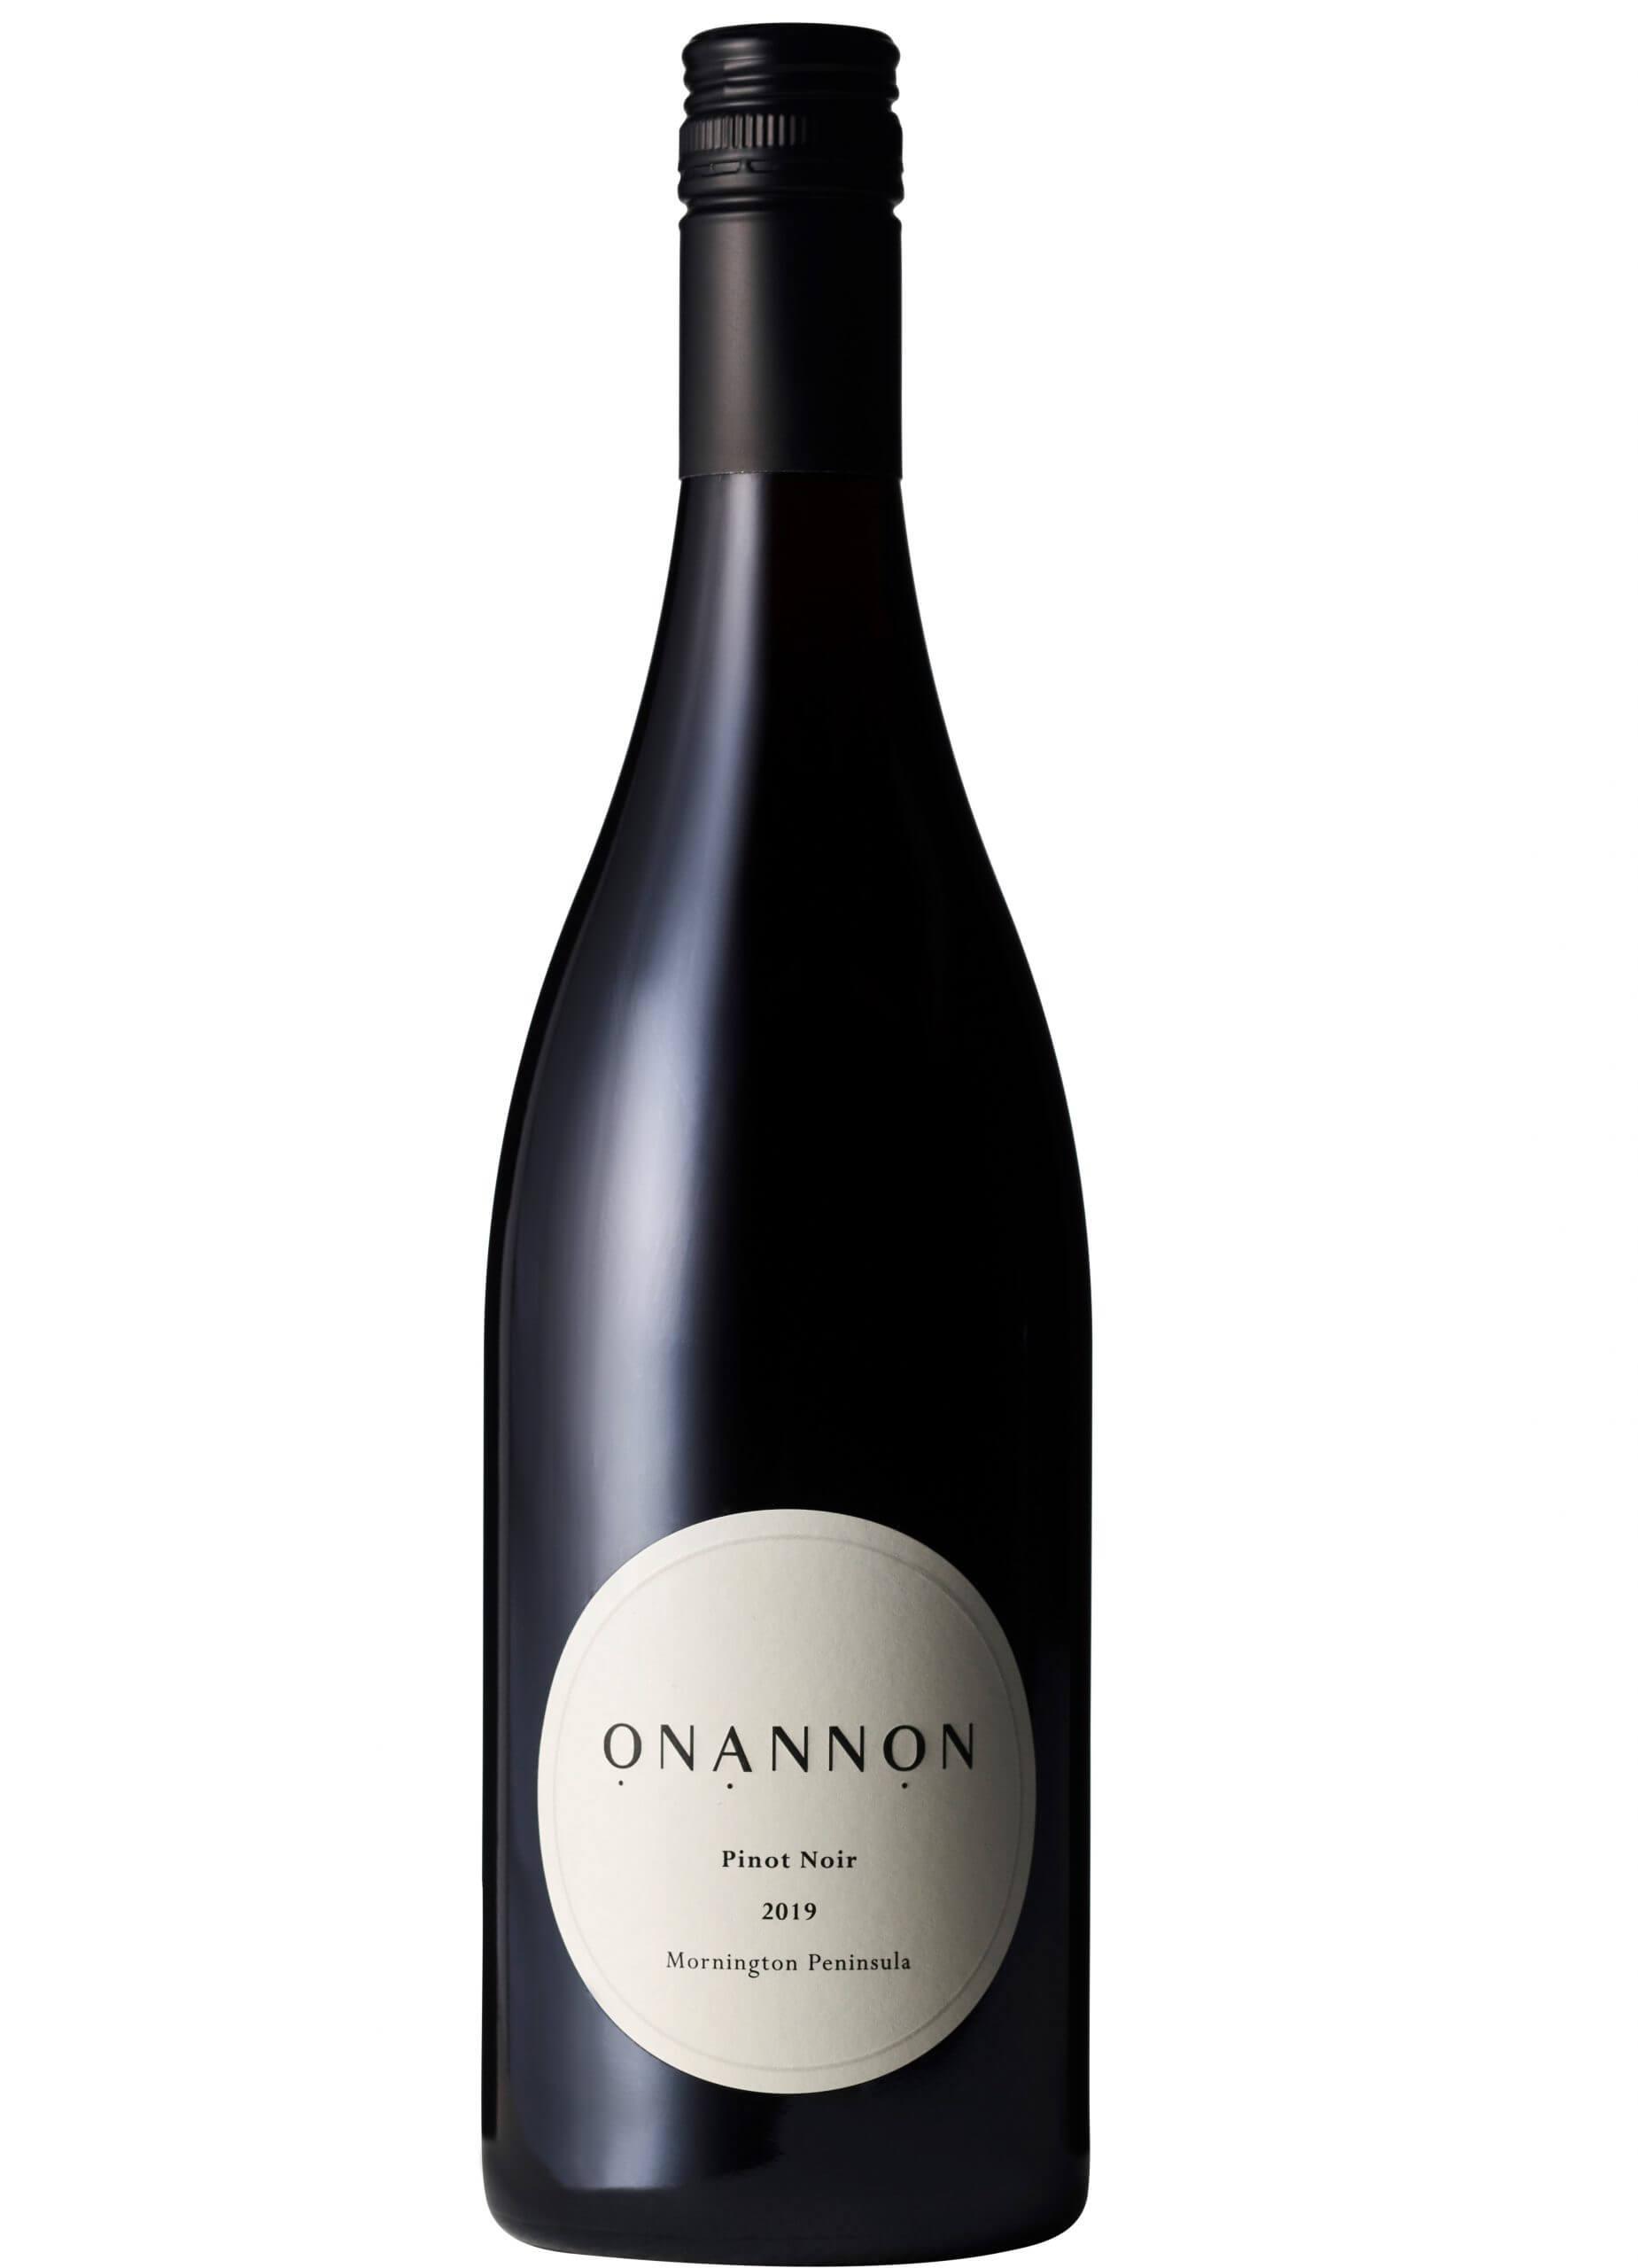 Onannon Mornington Peninsula Pinot Noir